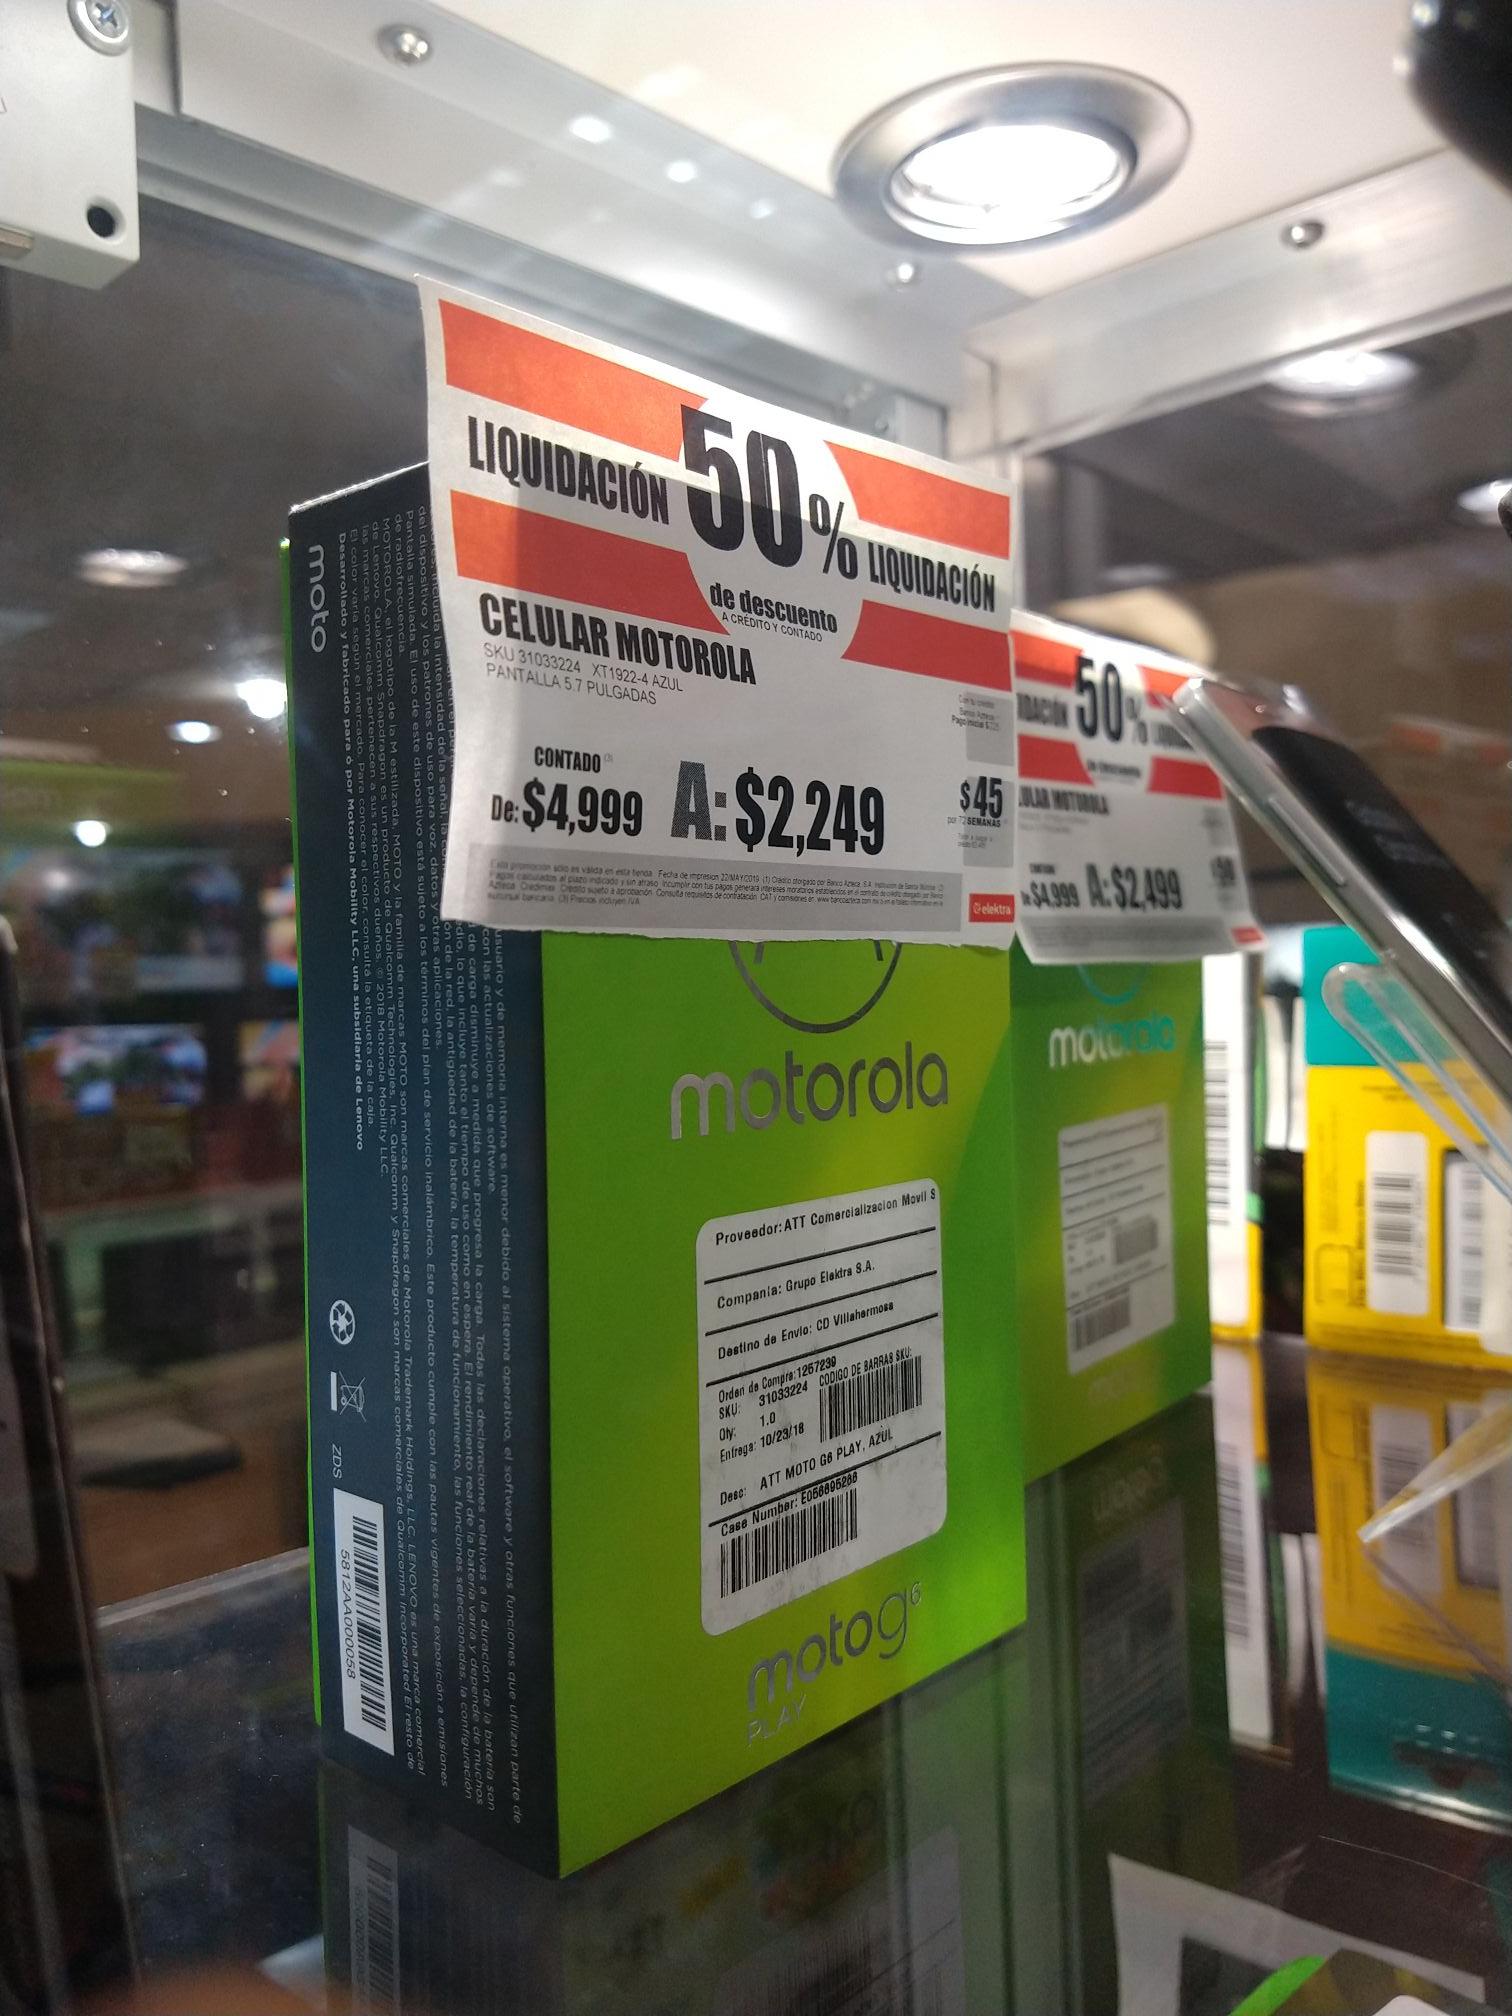 Moto G6 Play AT&T - Liquidacion Elektra( También en linea)